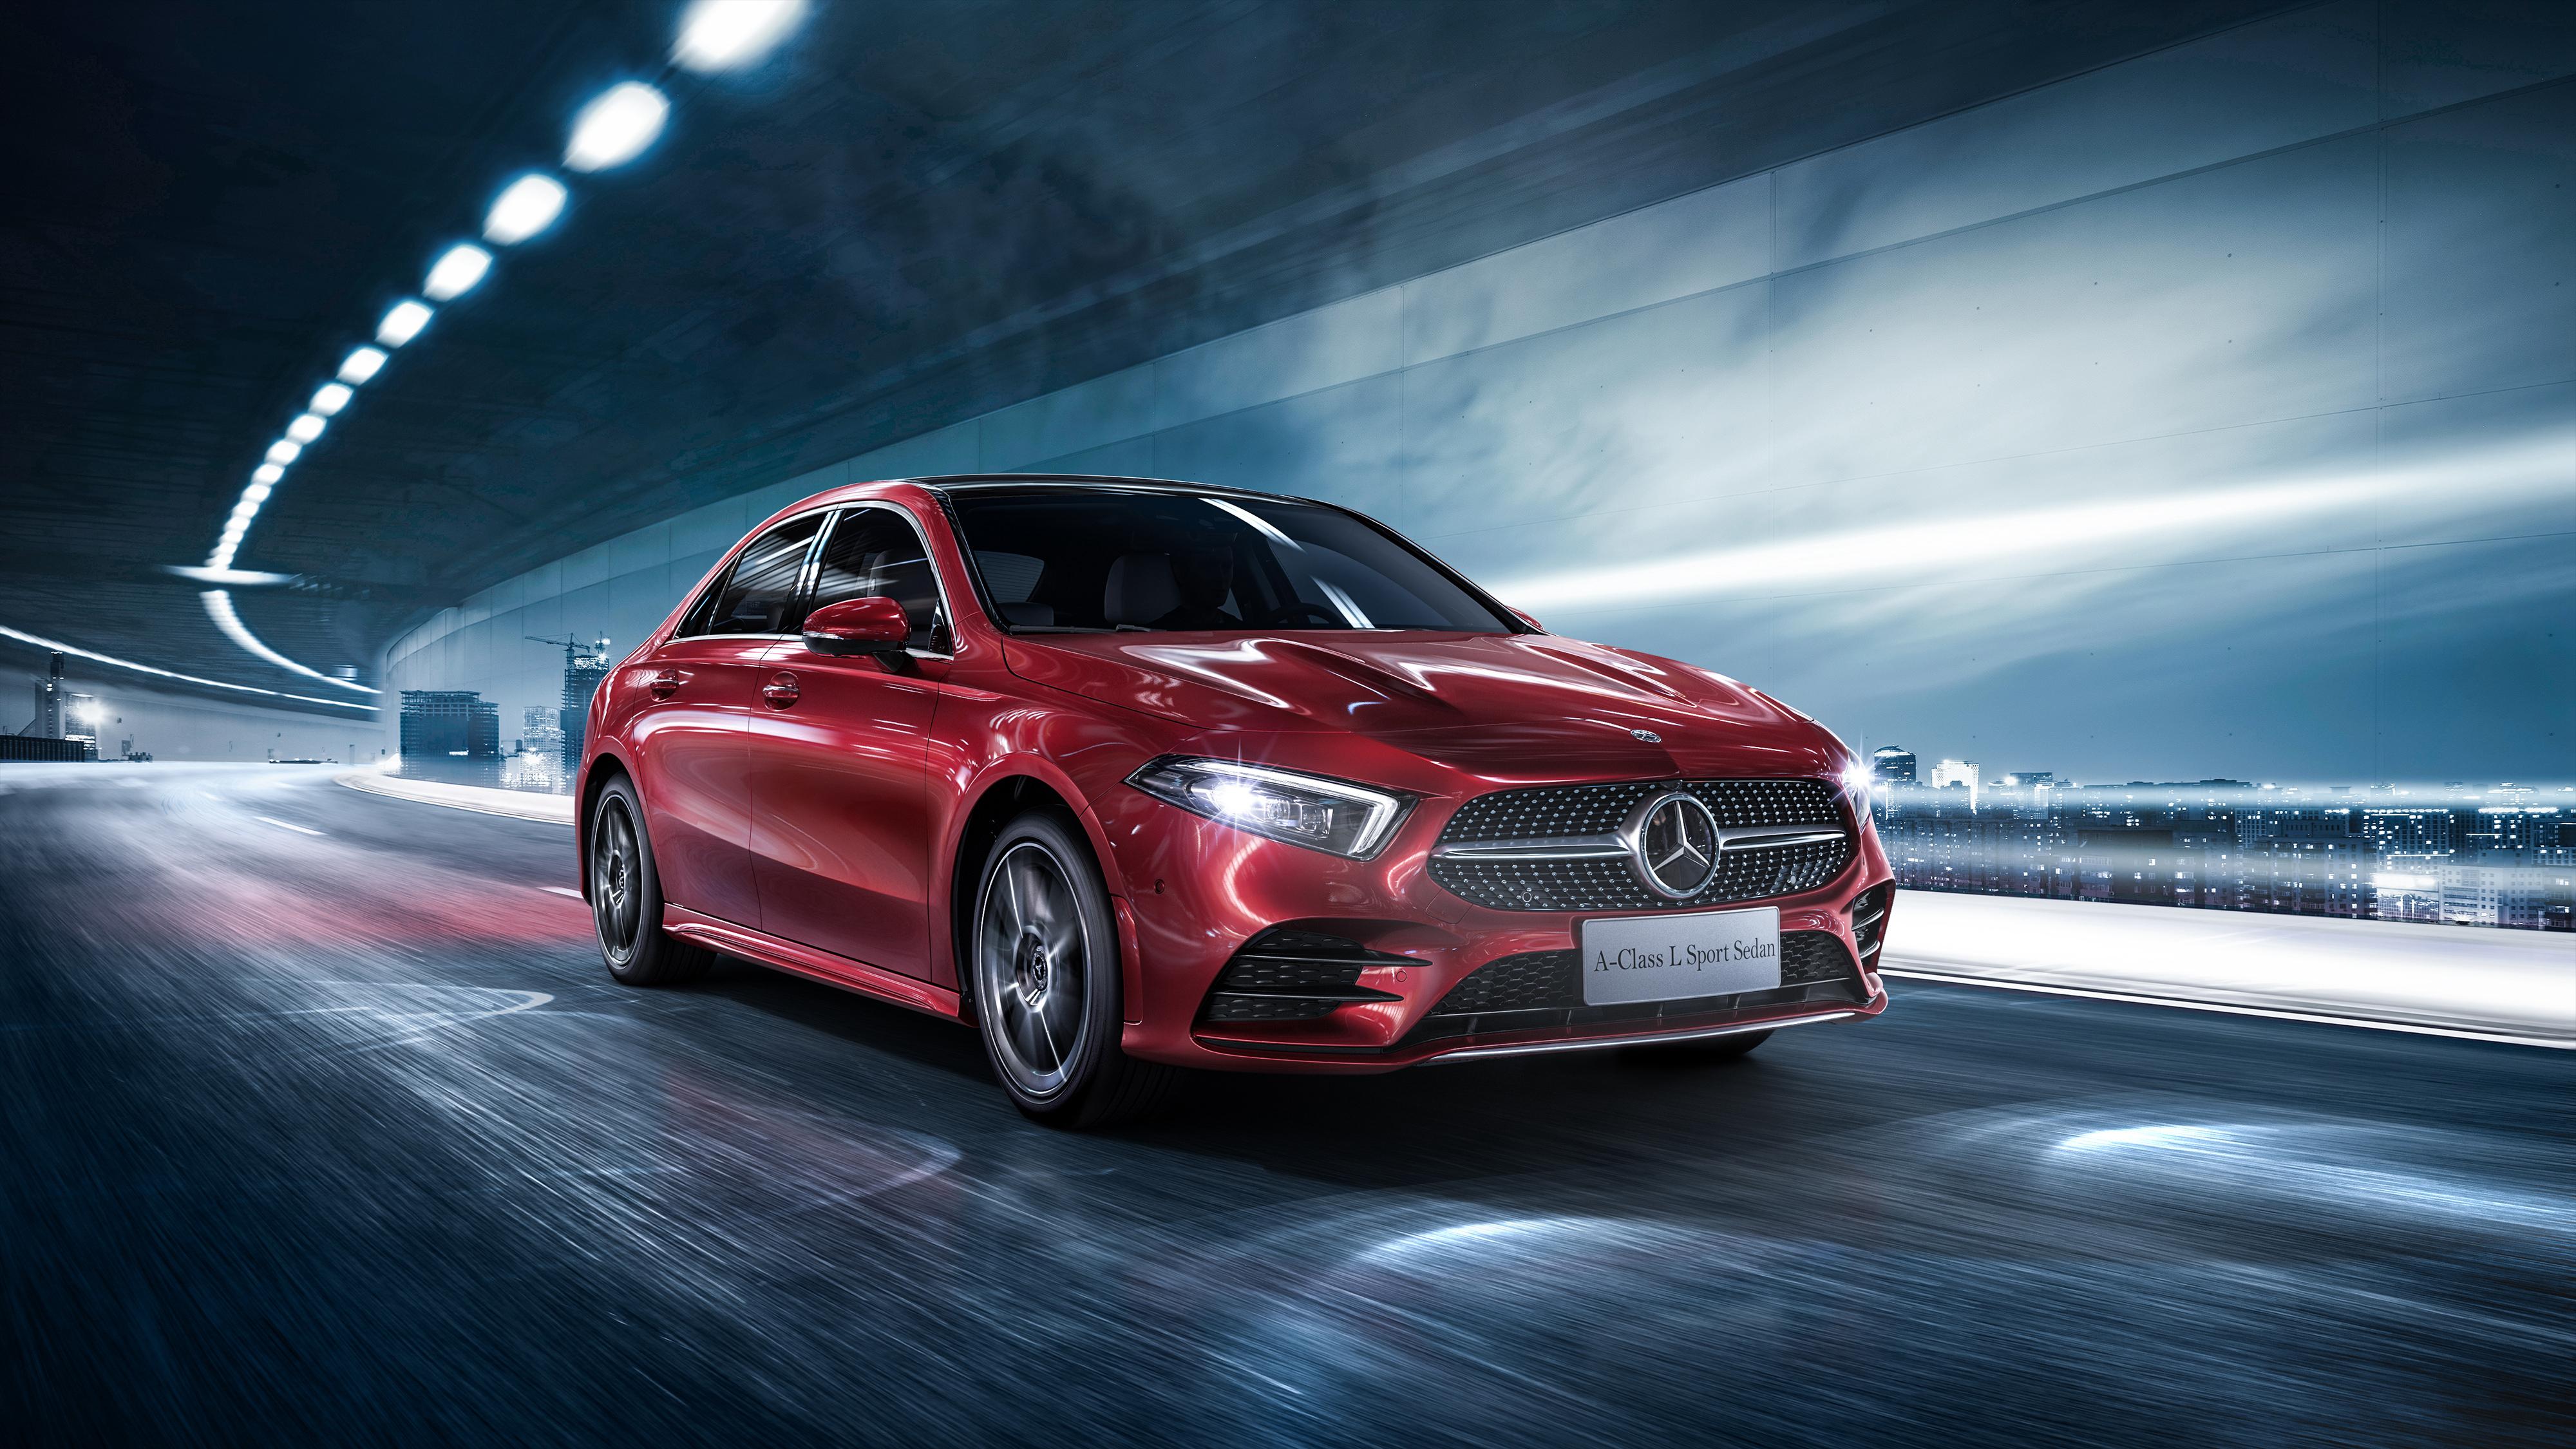 2019 mercedes benz a200 l sport sedan 4k 2 wallpaper hd for Mercedes benz sports sedan